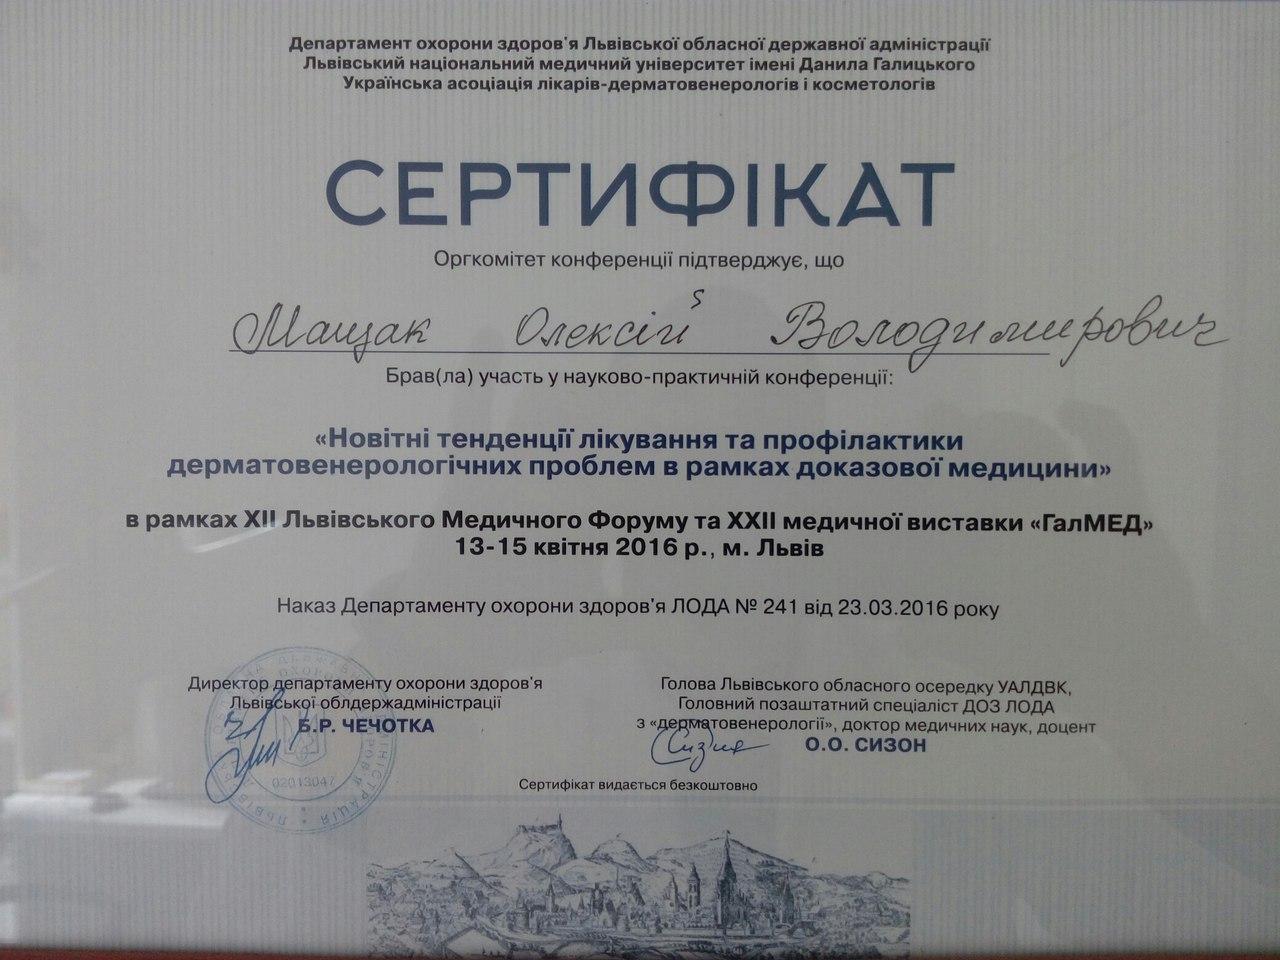 Сертифікат учасника конференції